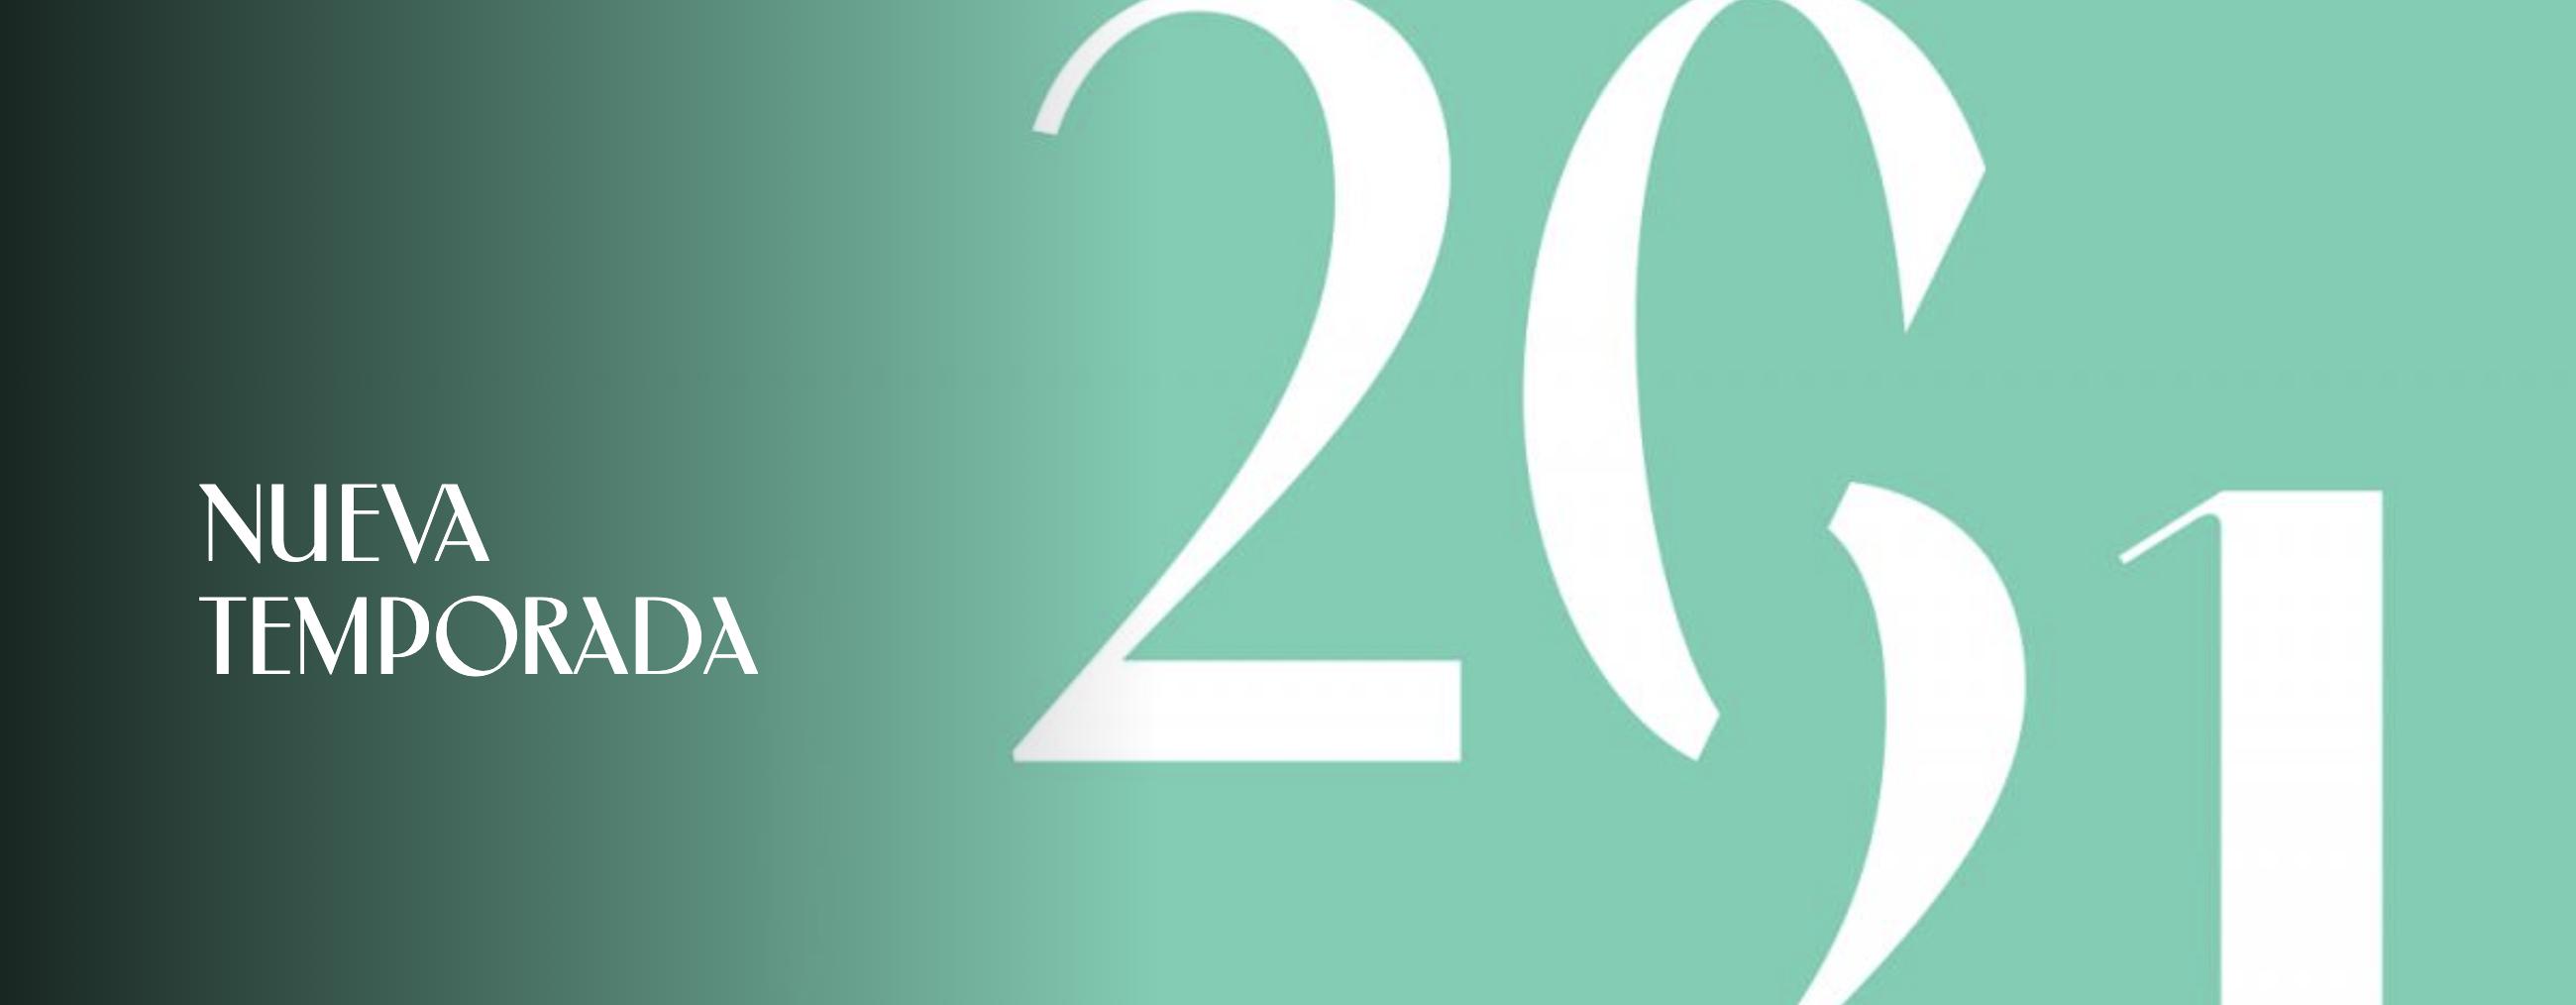 La Filarmónica presenta su temporada 20/21